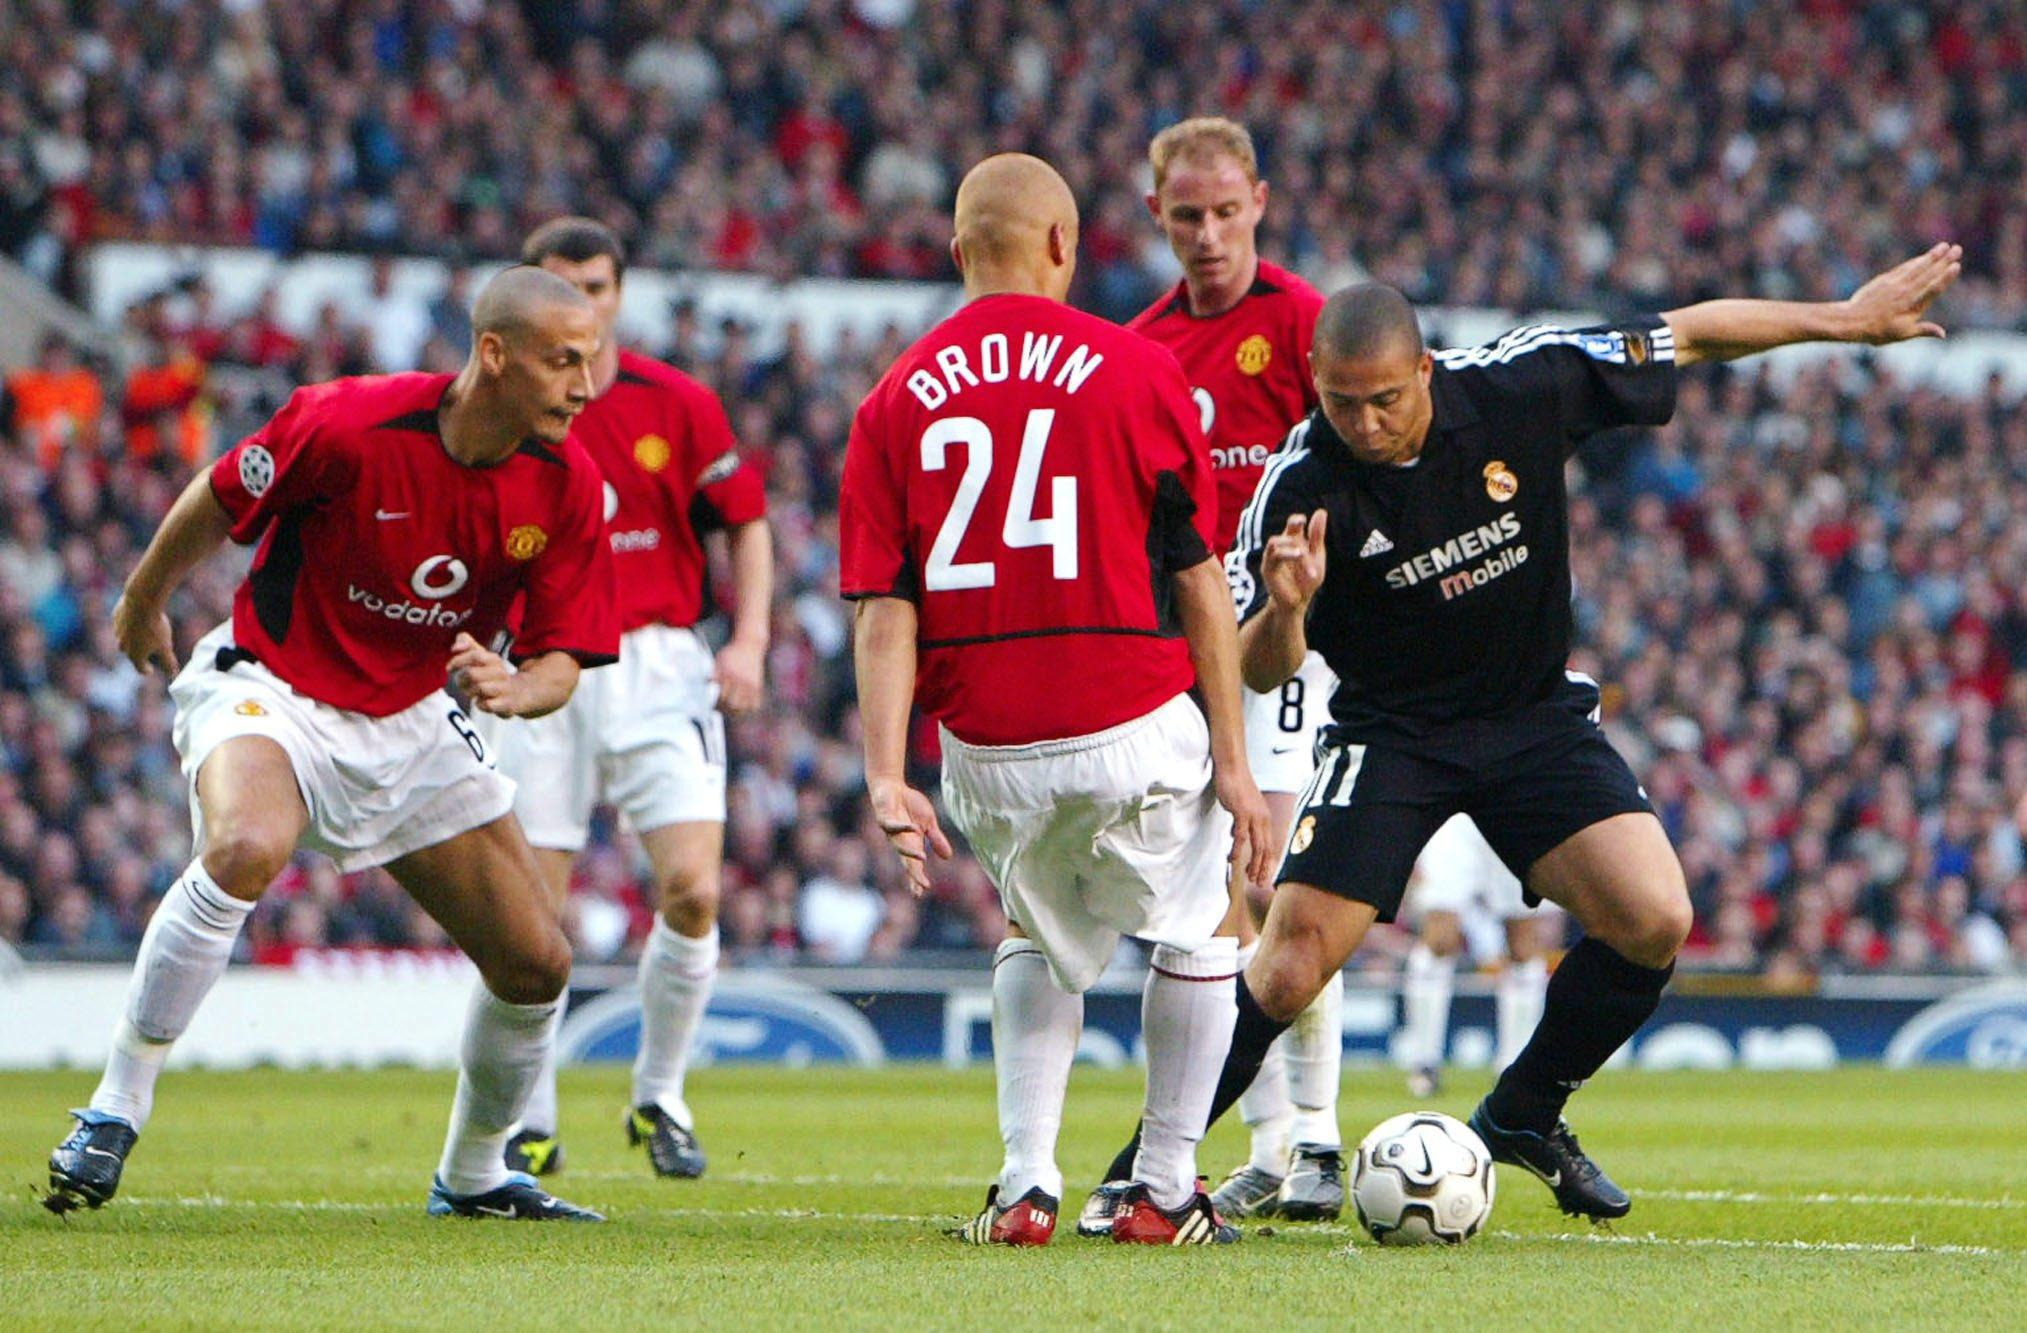 The Ronaldo show